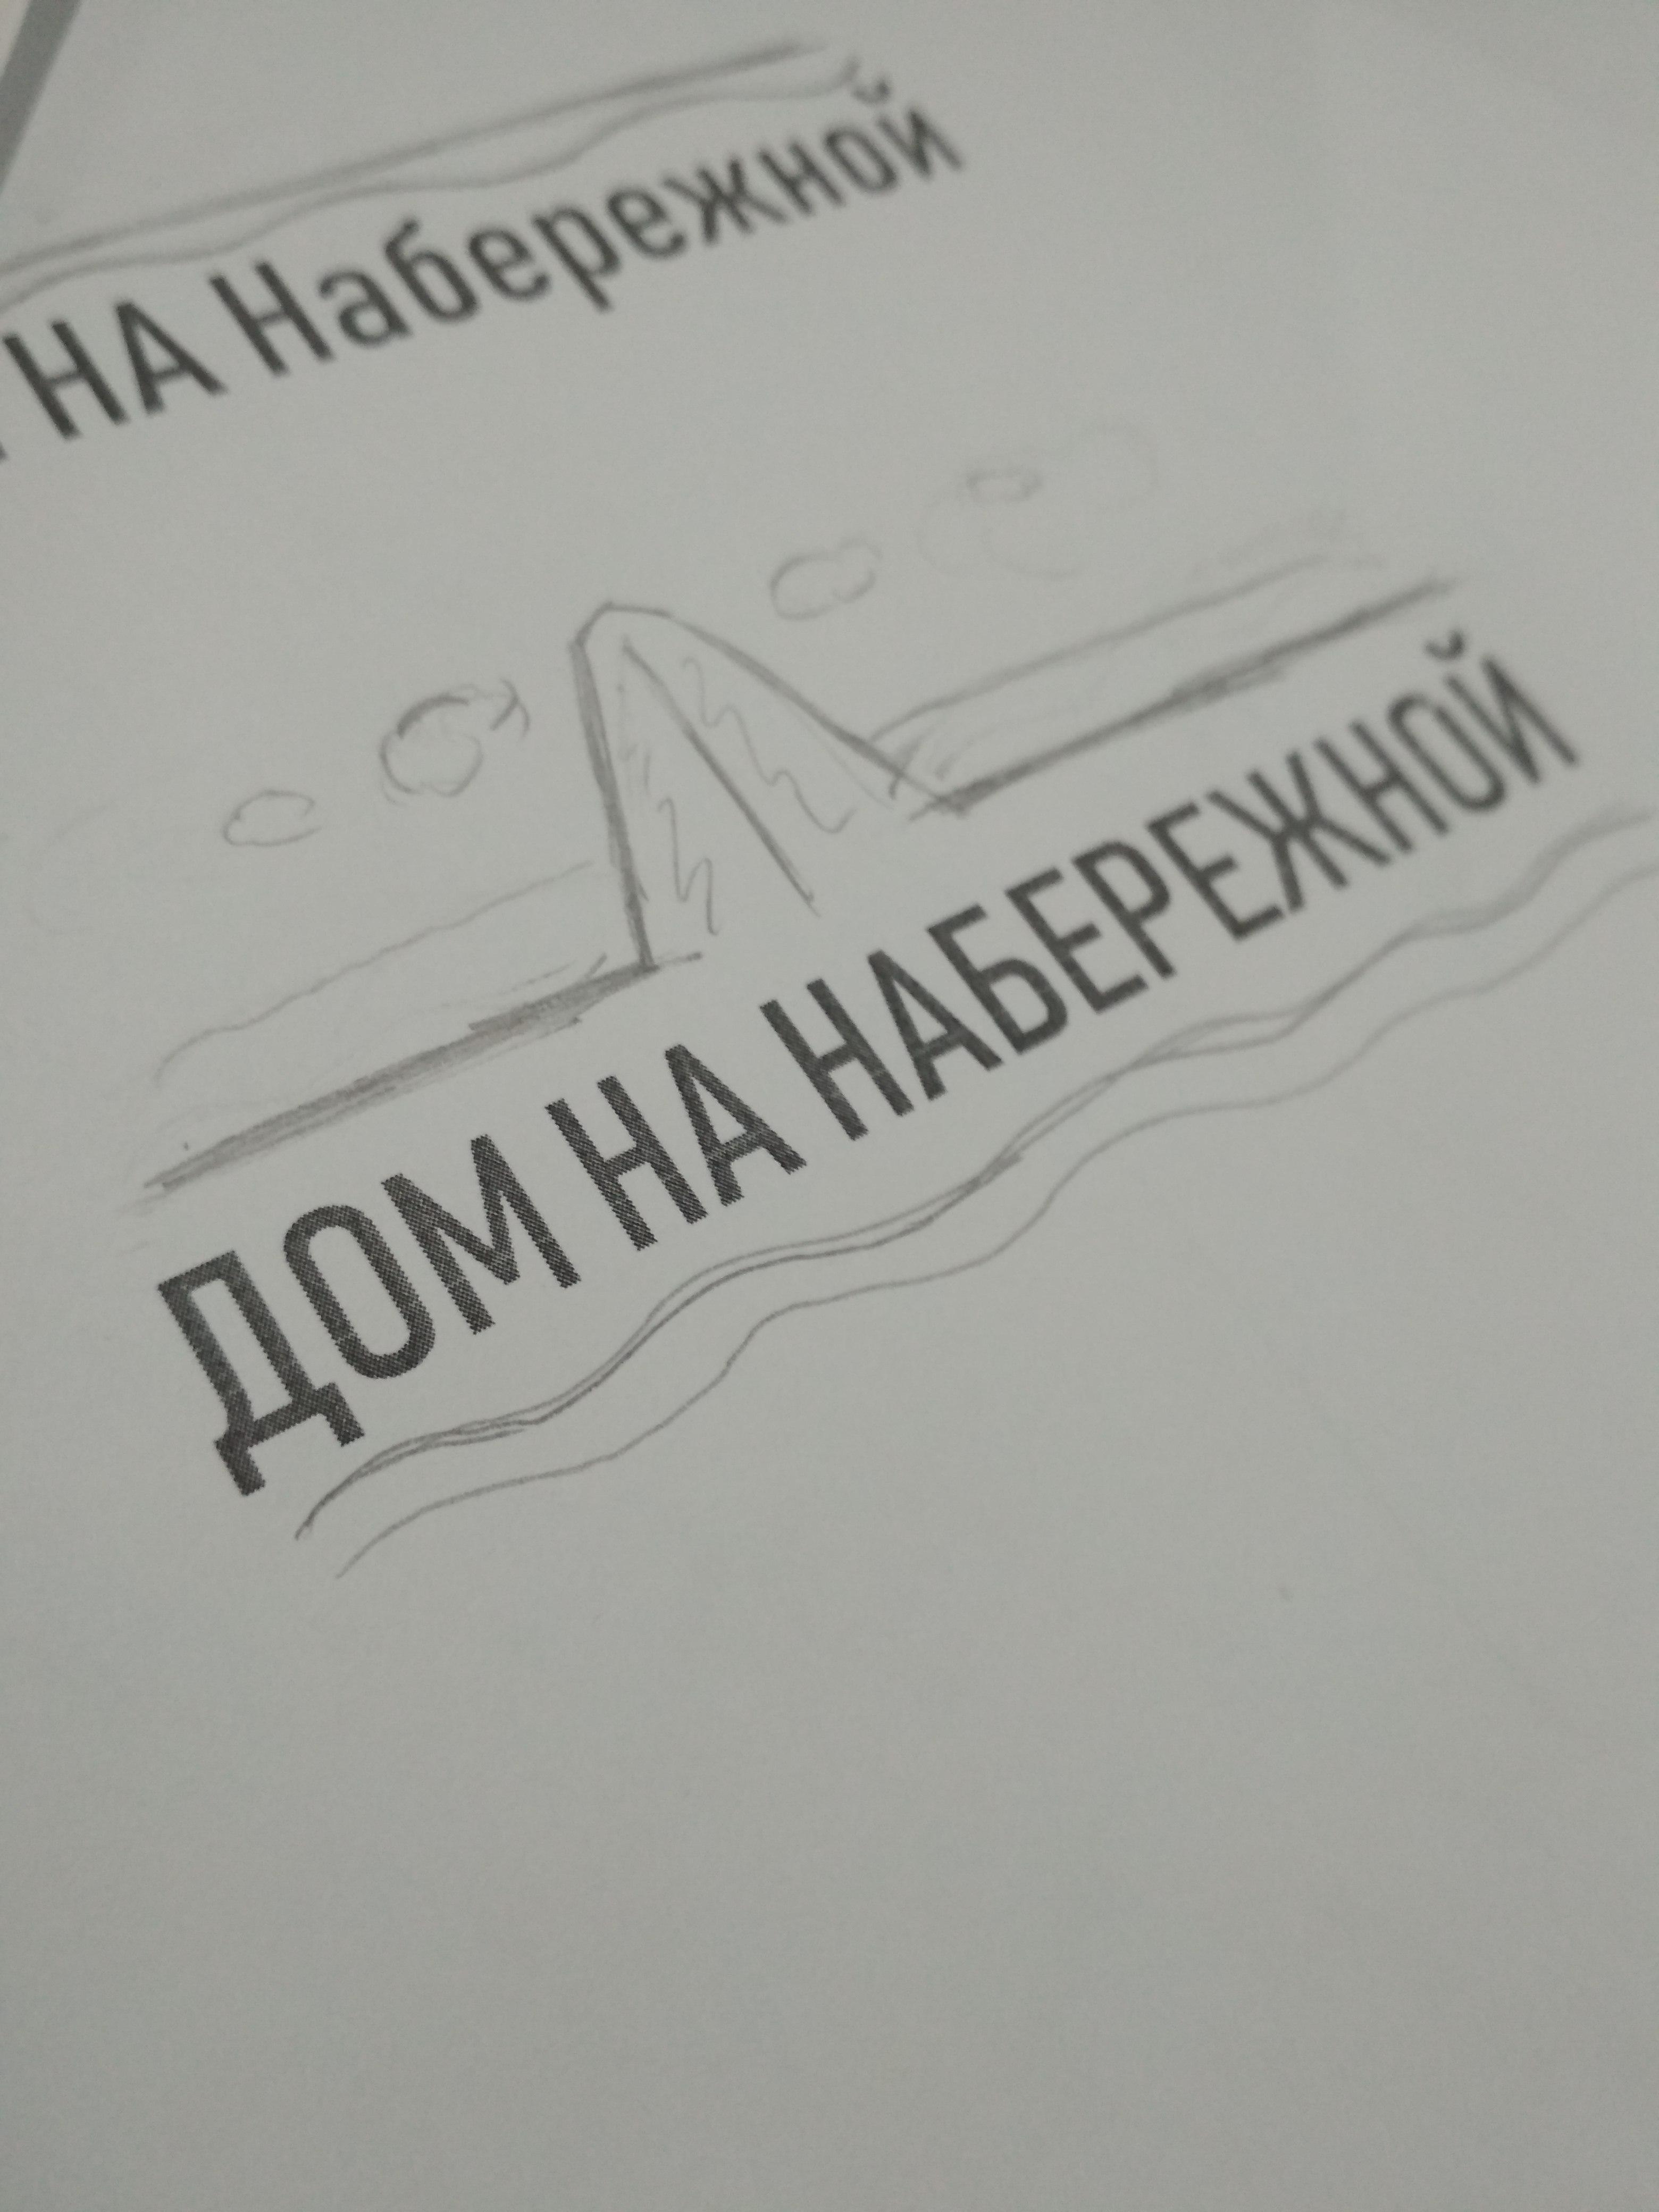 РАЗРАБОТКА логотипа для ЖИЛОГО КОМПЛЕКСА премиум В АНАПЕ.  фото f_1295de79f258d873.jpg